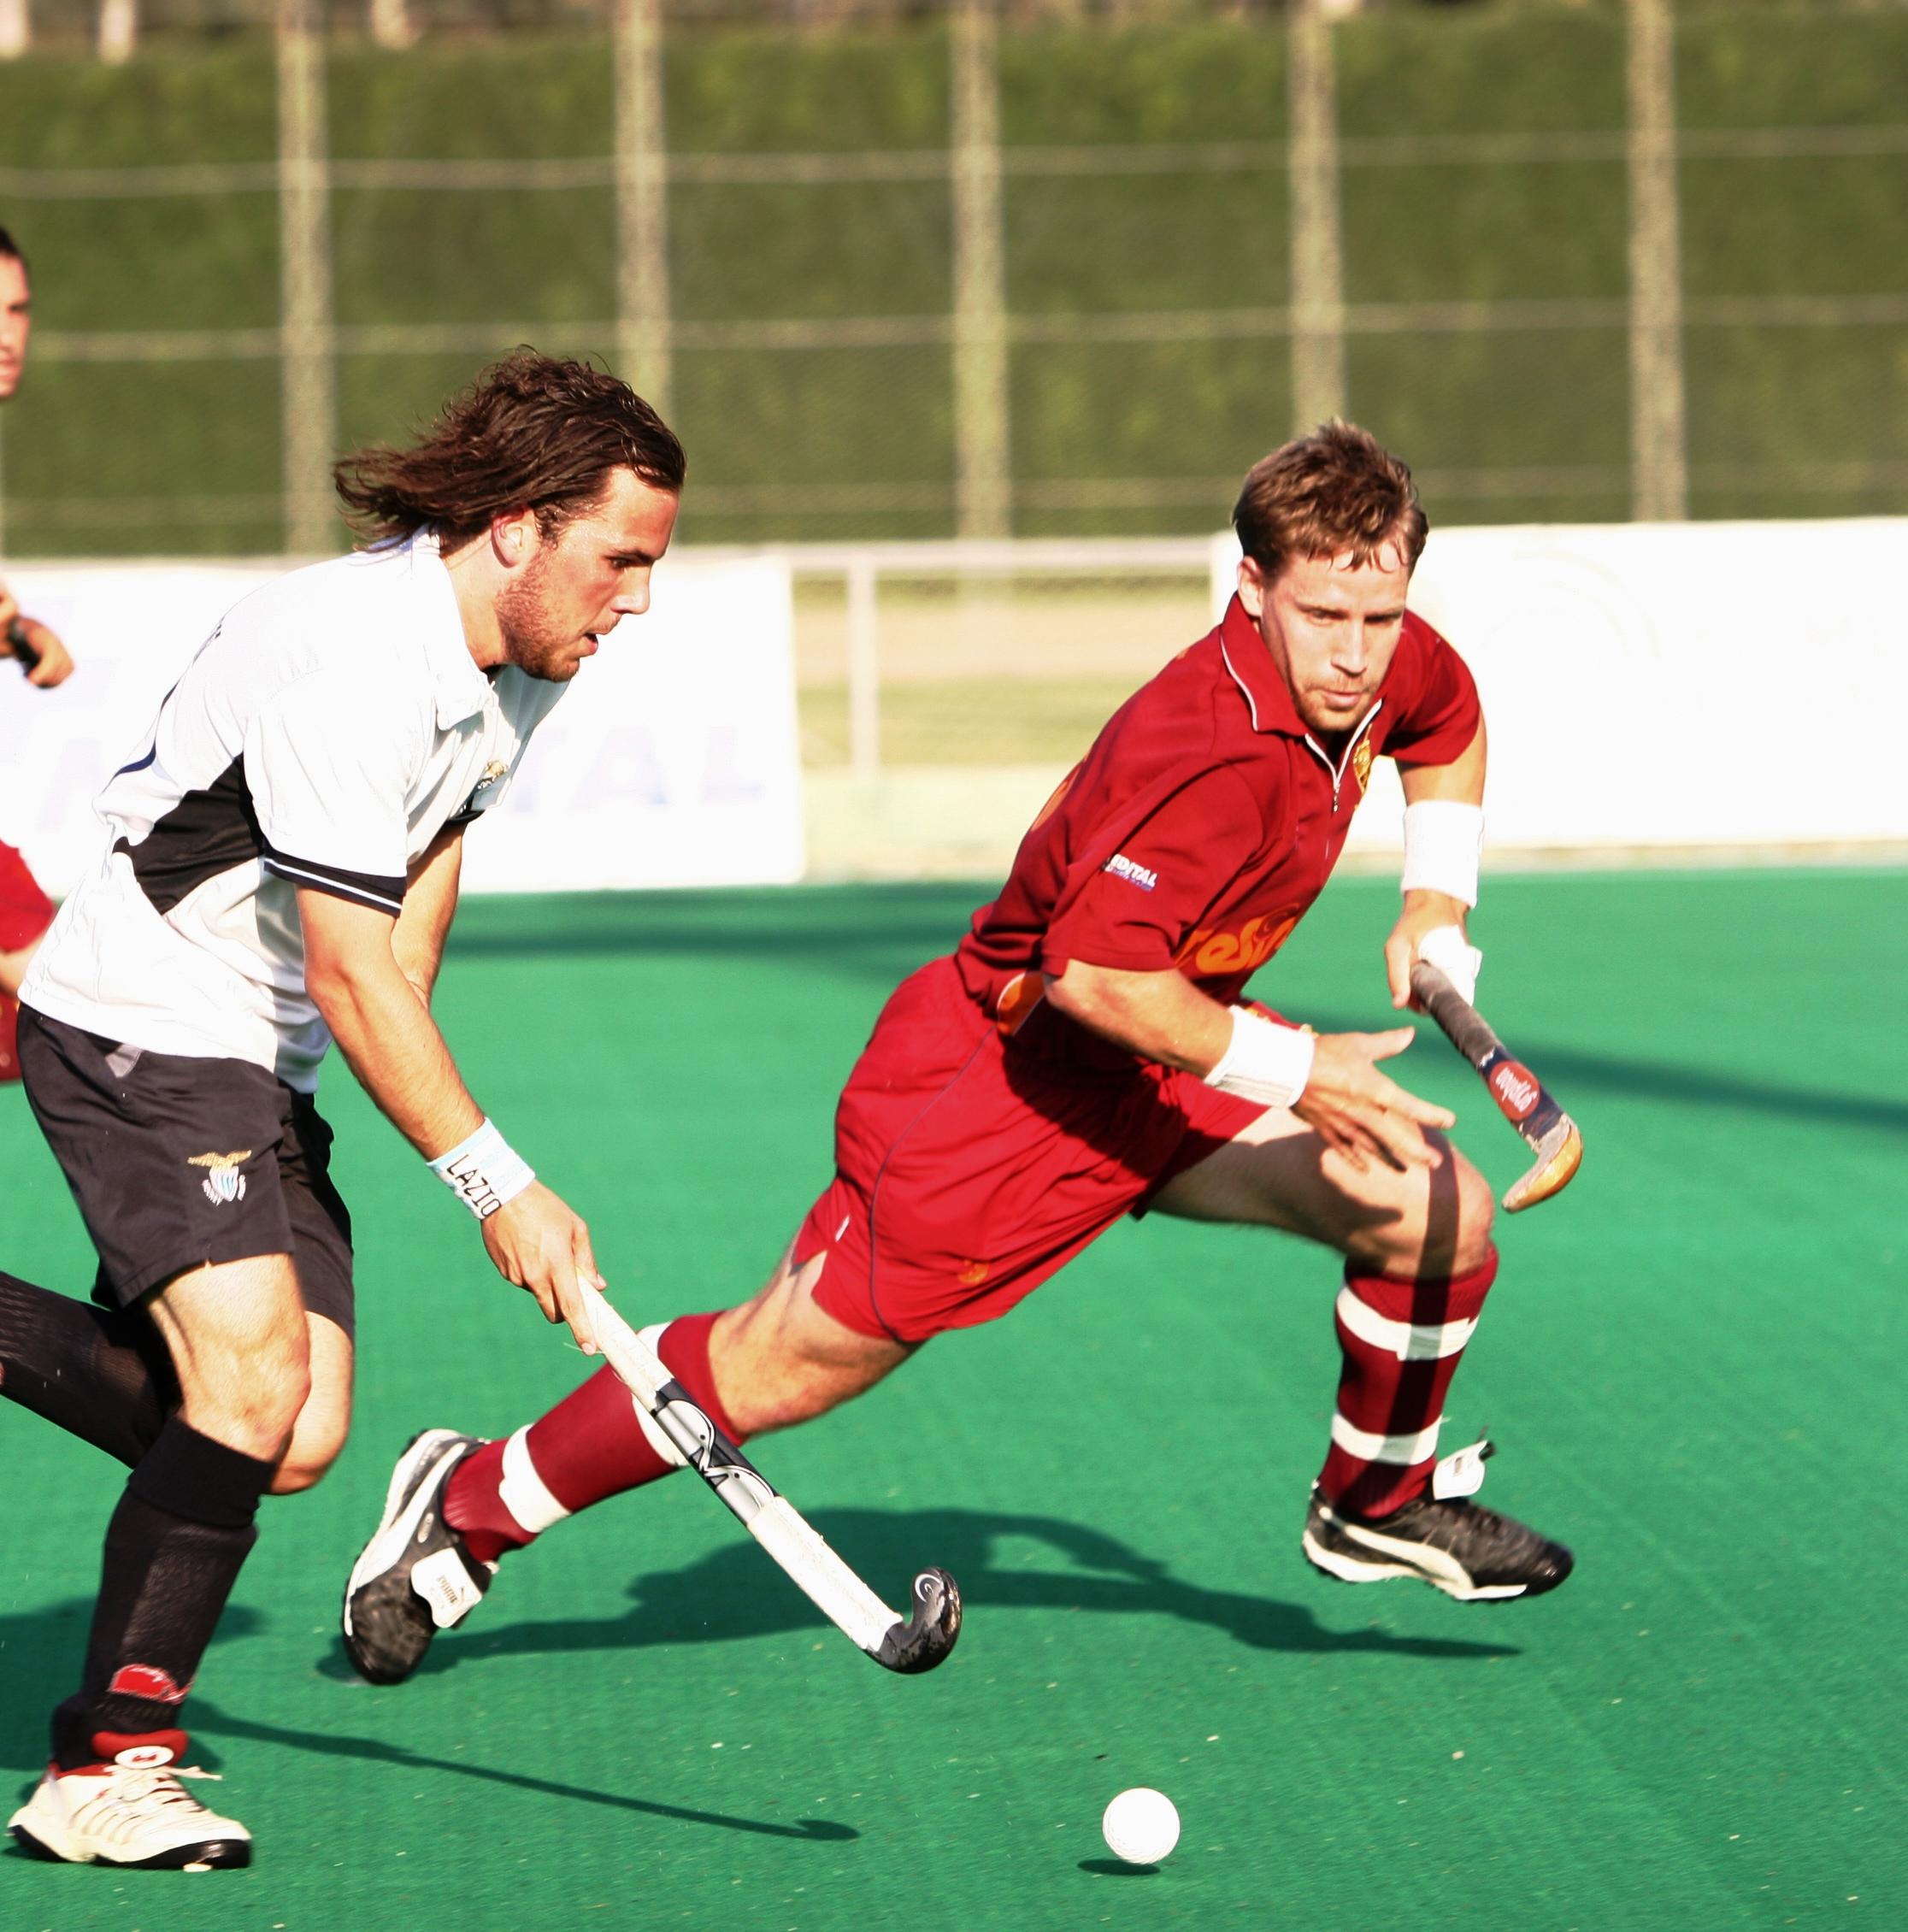 Philipp Crone Con La Maglia Della Roma Nel Campionato 2004-05